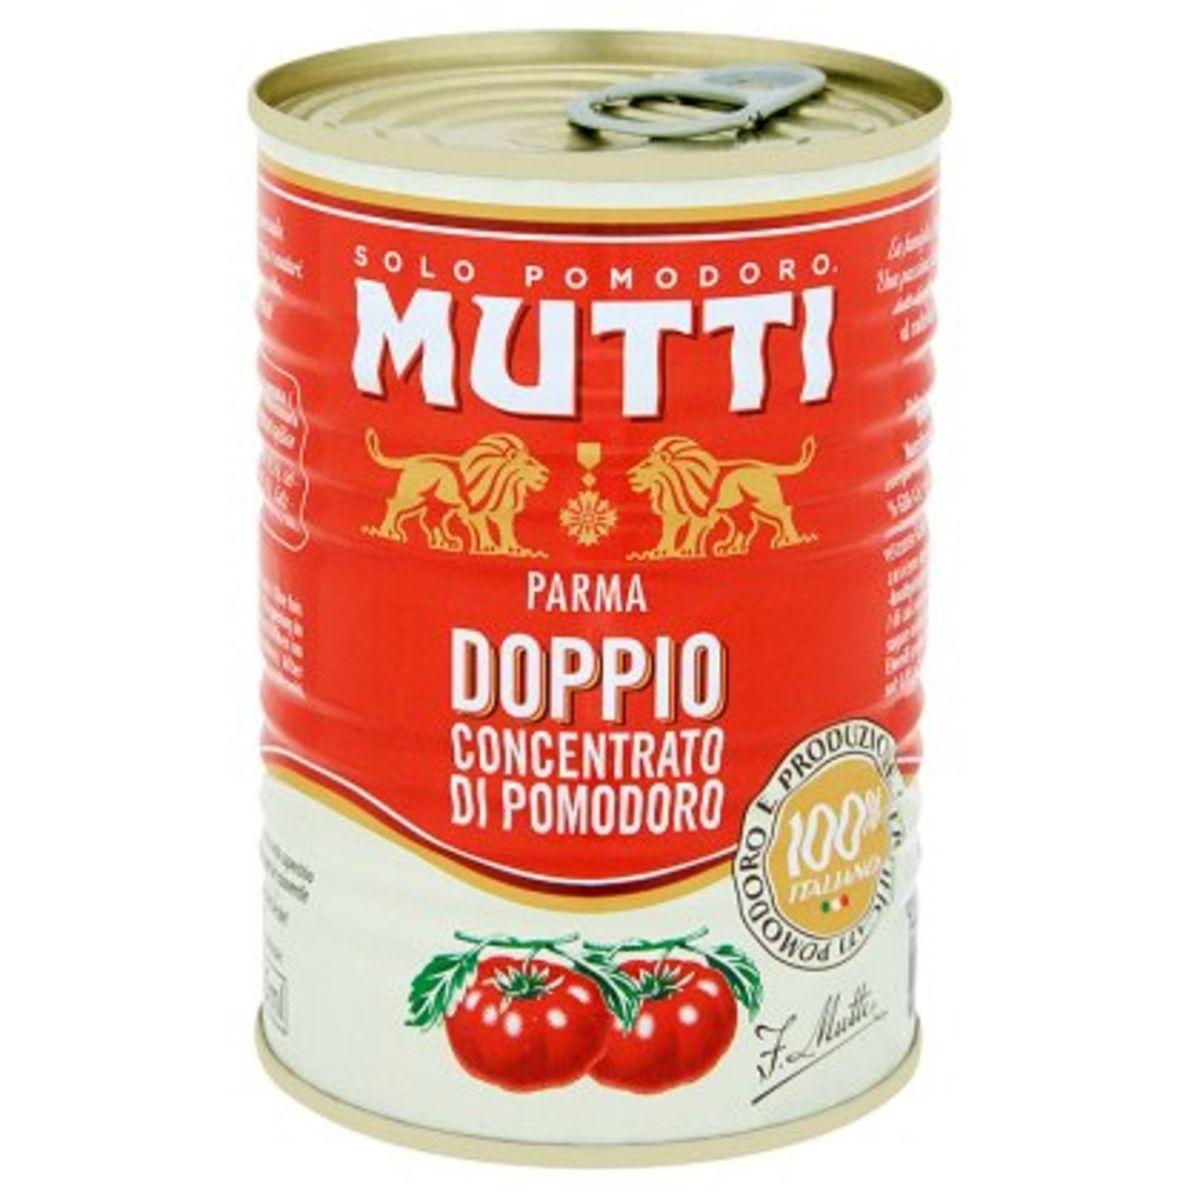 Mutti Doppio Concentratio di Pomodoro 440 g